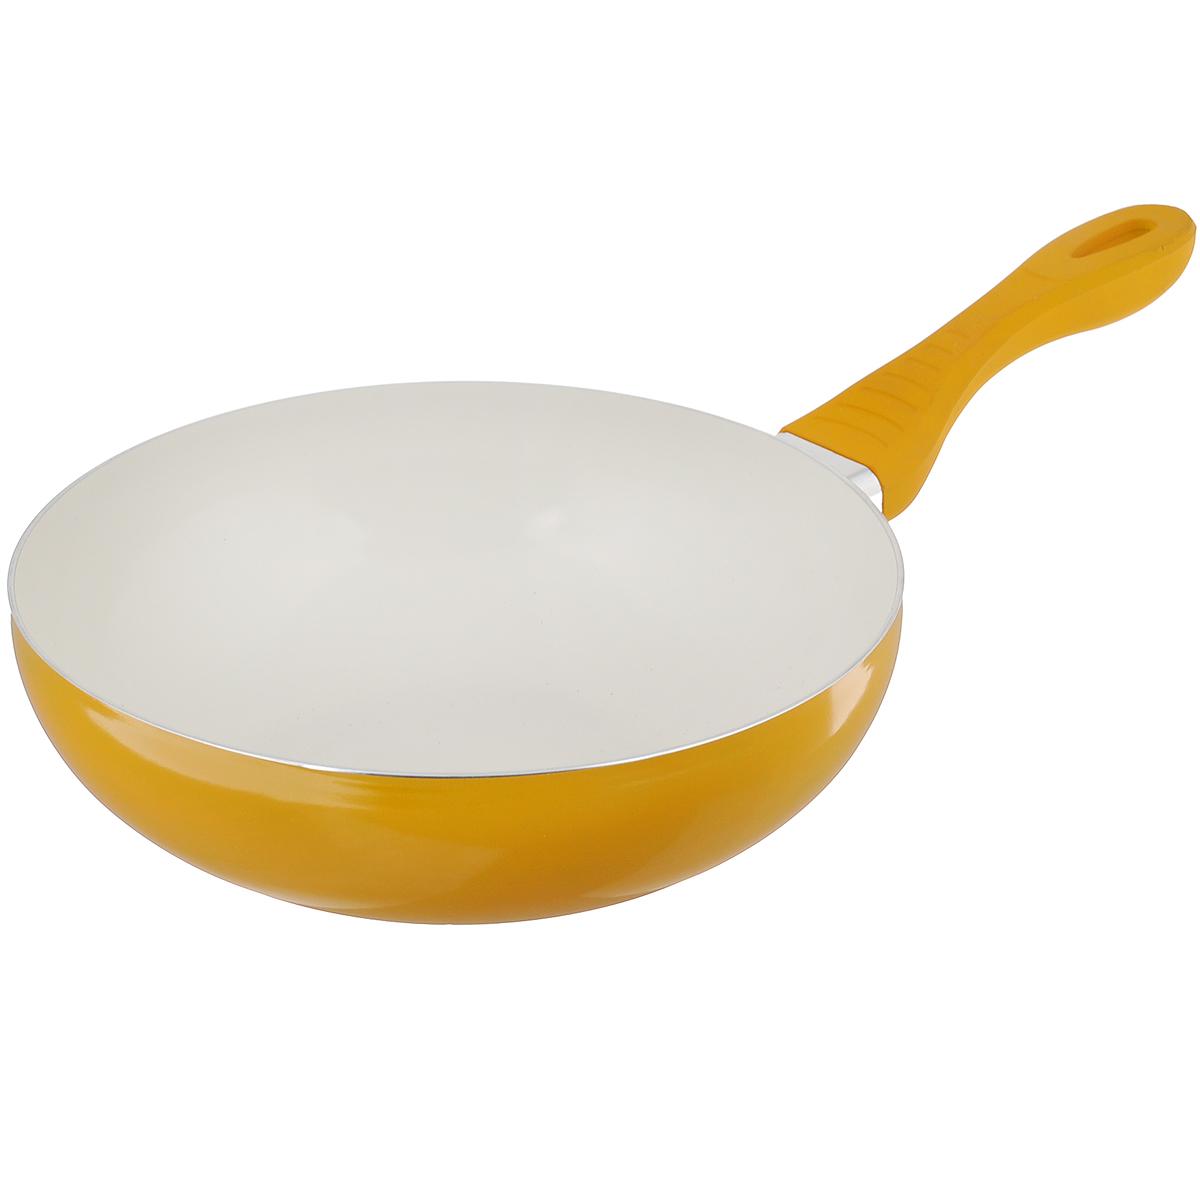 Сковорода-вок Mayer & Boch, с керамическим покрытием, цвет: желтый. Диаметр 28 см. 2224222242Сковорода Вок Mayer & Boch изготовлена из литого алюминия с высококачественным керамическим покрытием. Керамика не содержит вредных примесей ПФОК, что способствует здоровому и экологичному приготовлению пищи. Кроме того, с таким покрытием пища не пригорает и не прилипает к стенкам, поэтому можно готовить с минимальным добавлением масла и жиров. Гладкая, идеально ровная поверхность сковороды легко чистится, ее можно мыть в воде руками или вытирать полотенцем. Эргономичная ручка специального дизайна выполнена из силикона. Сковорода подходит для использования на газовых и электрических плитах. Также изделие можно мыть в посудомоечной машине.